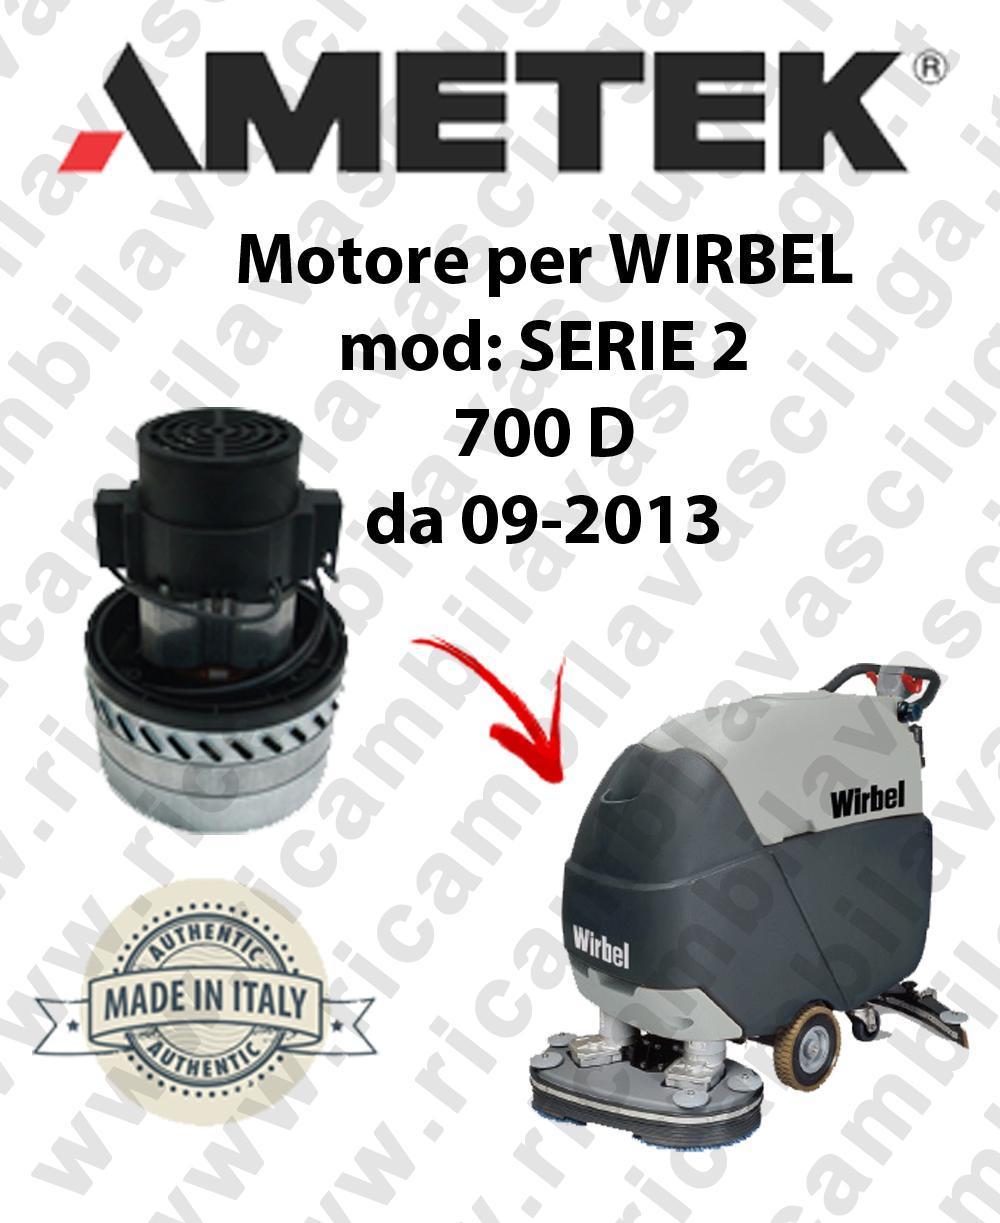 SERIE 2 700 D da 09-2013 Motore de aspiración AMETEK para fregadora WIRBEL